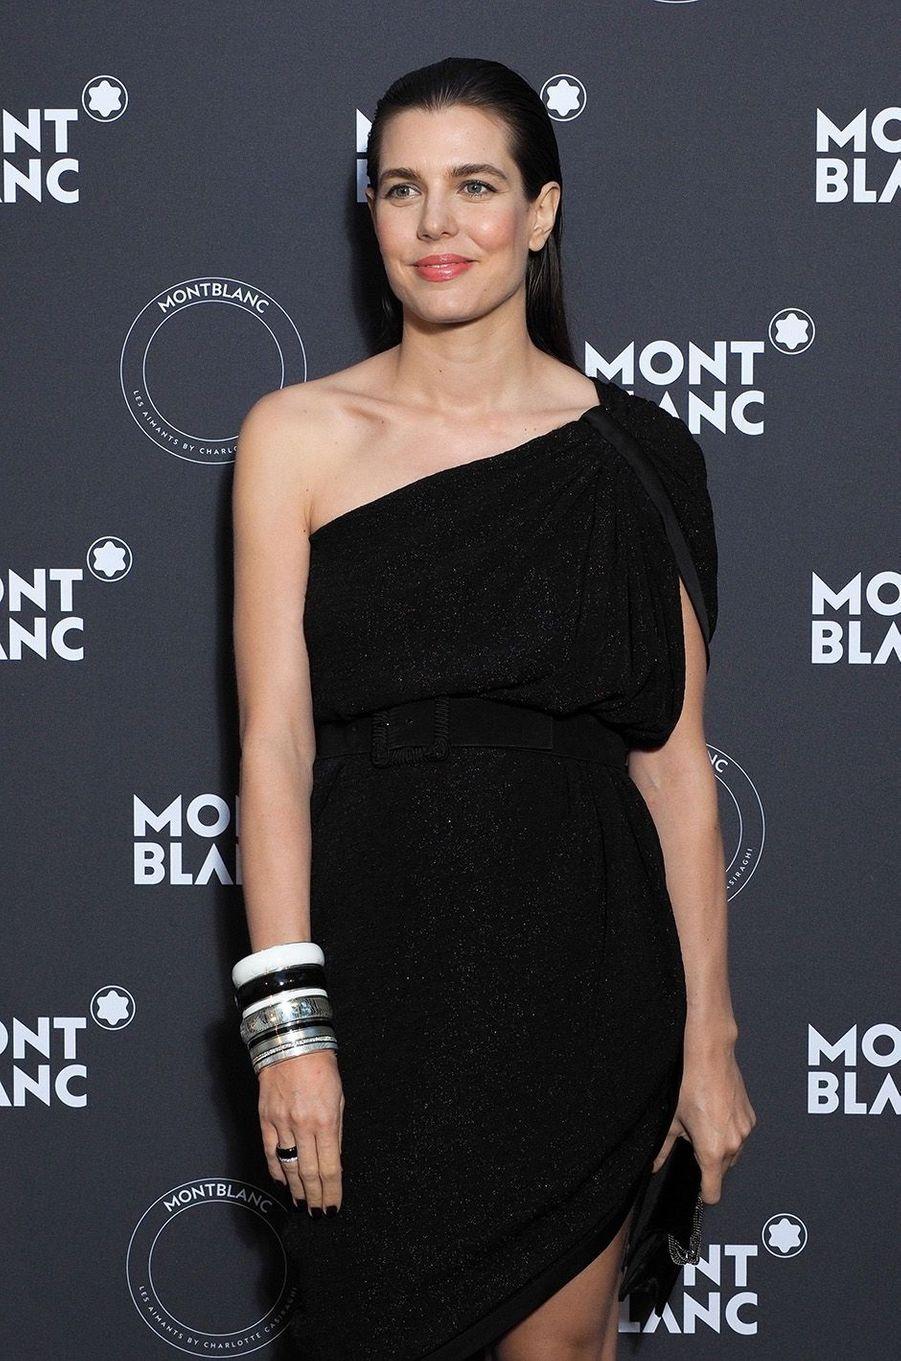 Charlotte Casiraghi à la soirée Montblanc à Cannes, le 16 mai 2018.